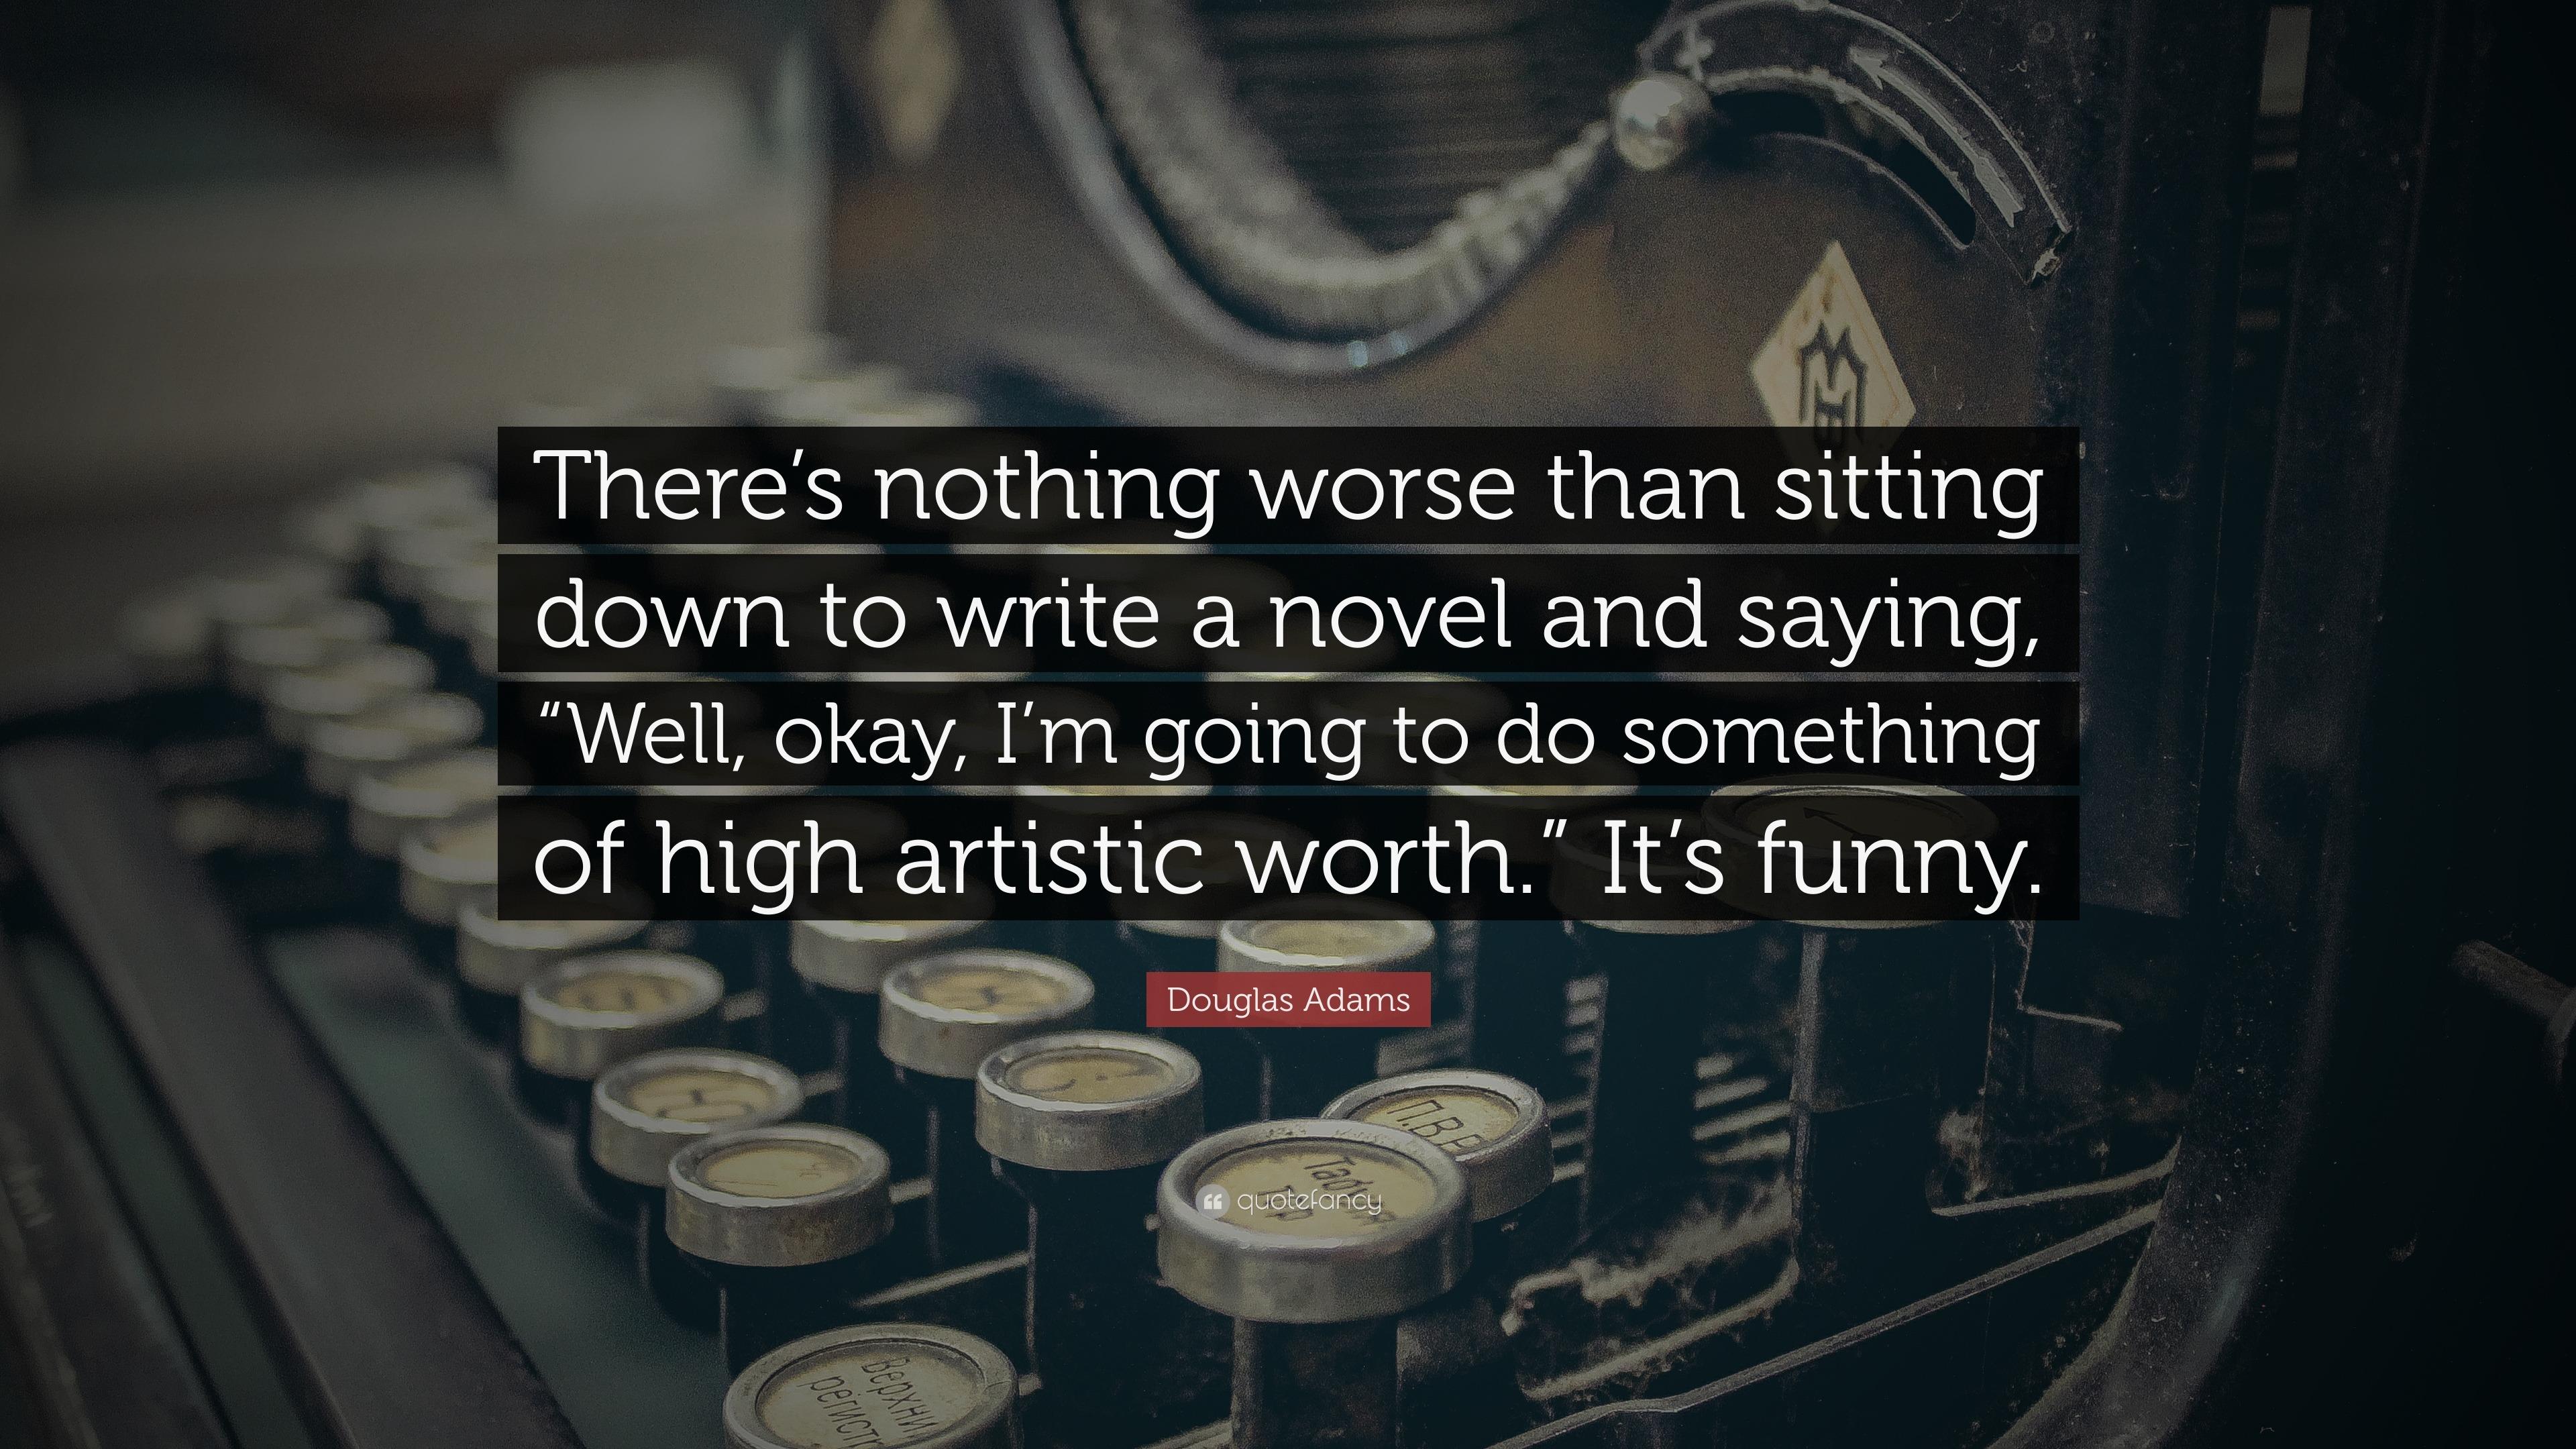 Douglas Adams Quotes (100 wallpapers) - Quotefancy